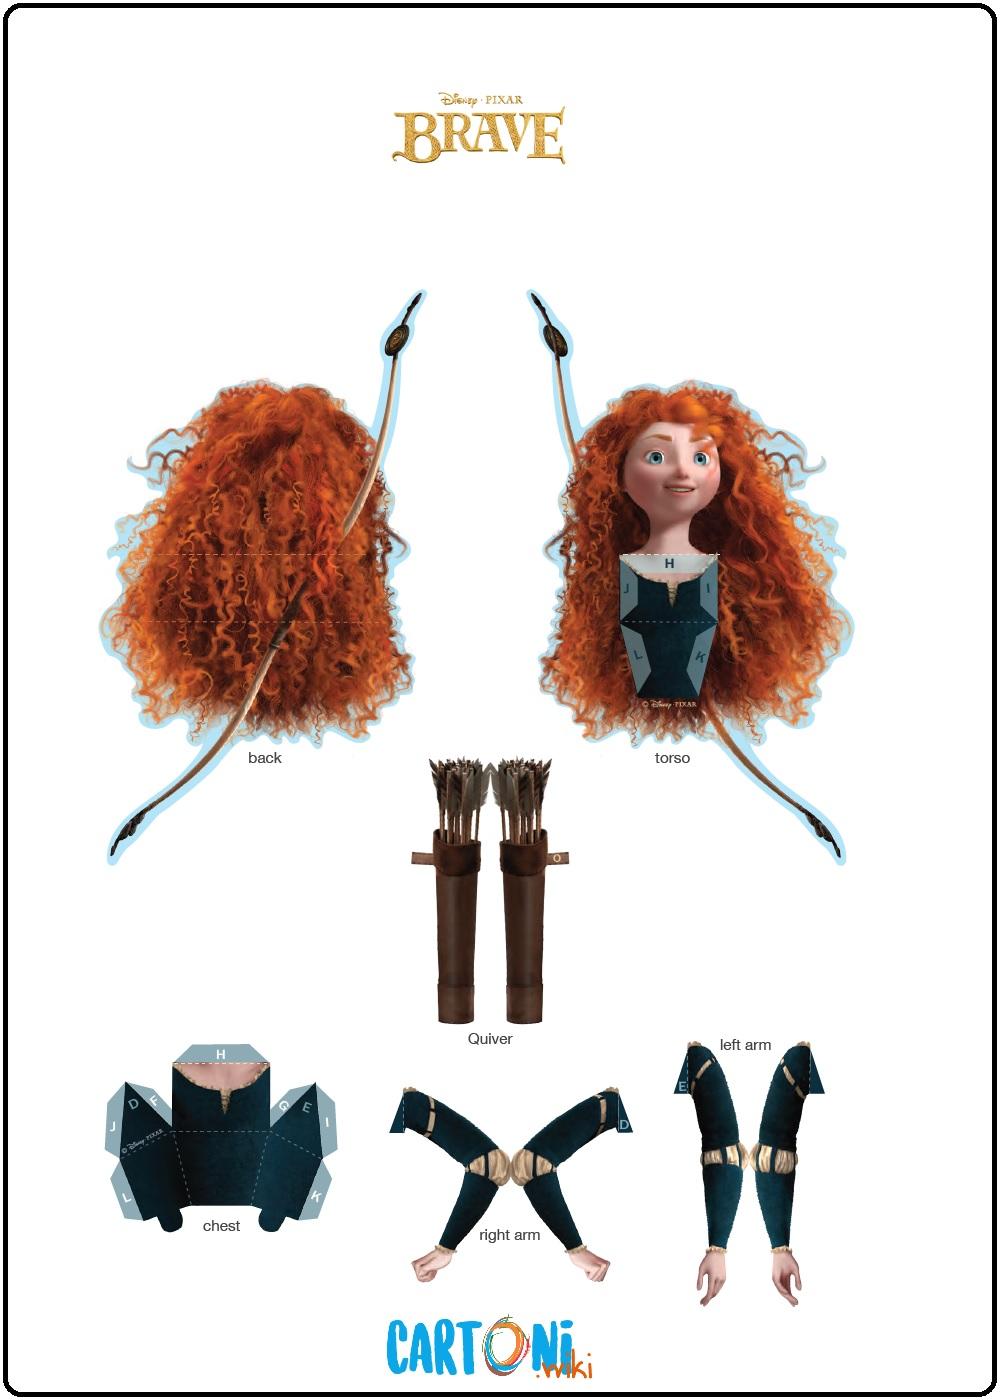 Merida bambola 3d da stampare - Cartoni animati